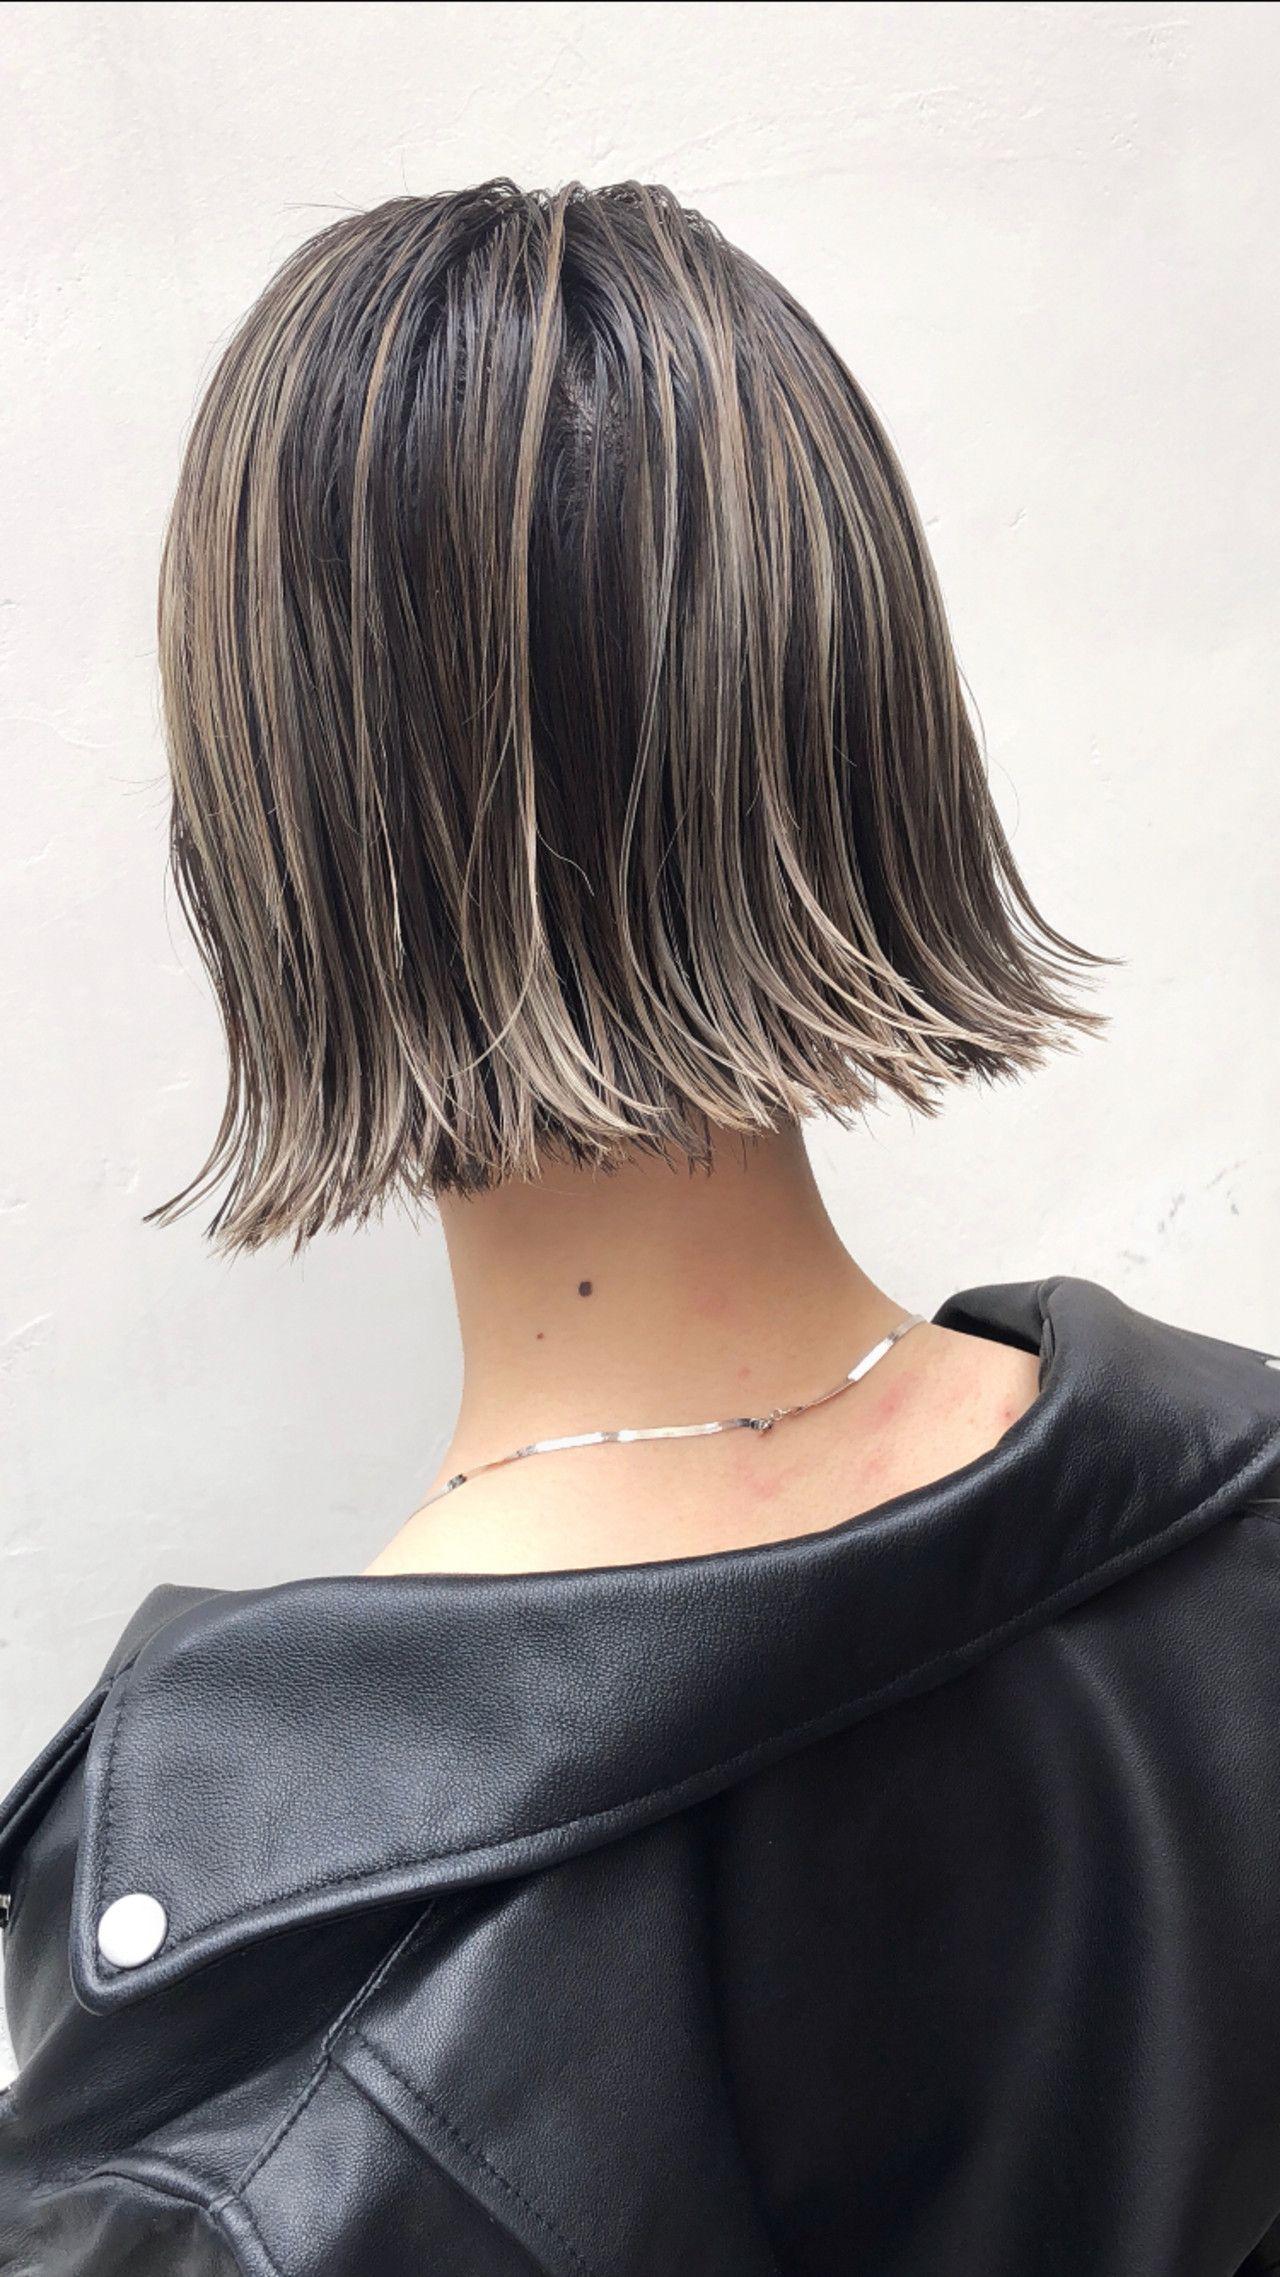 アンニュイほつれヘア 外国人風カラー グレージュ ボブ トルネード 高